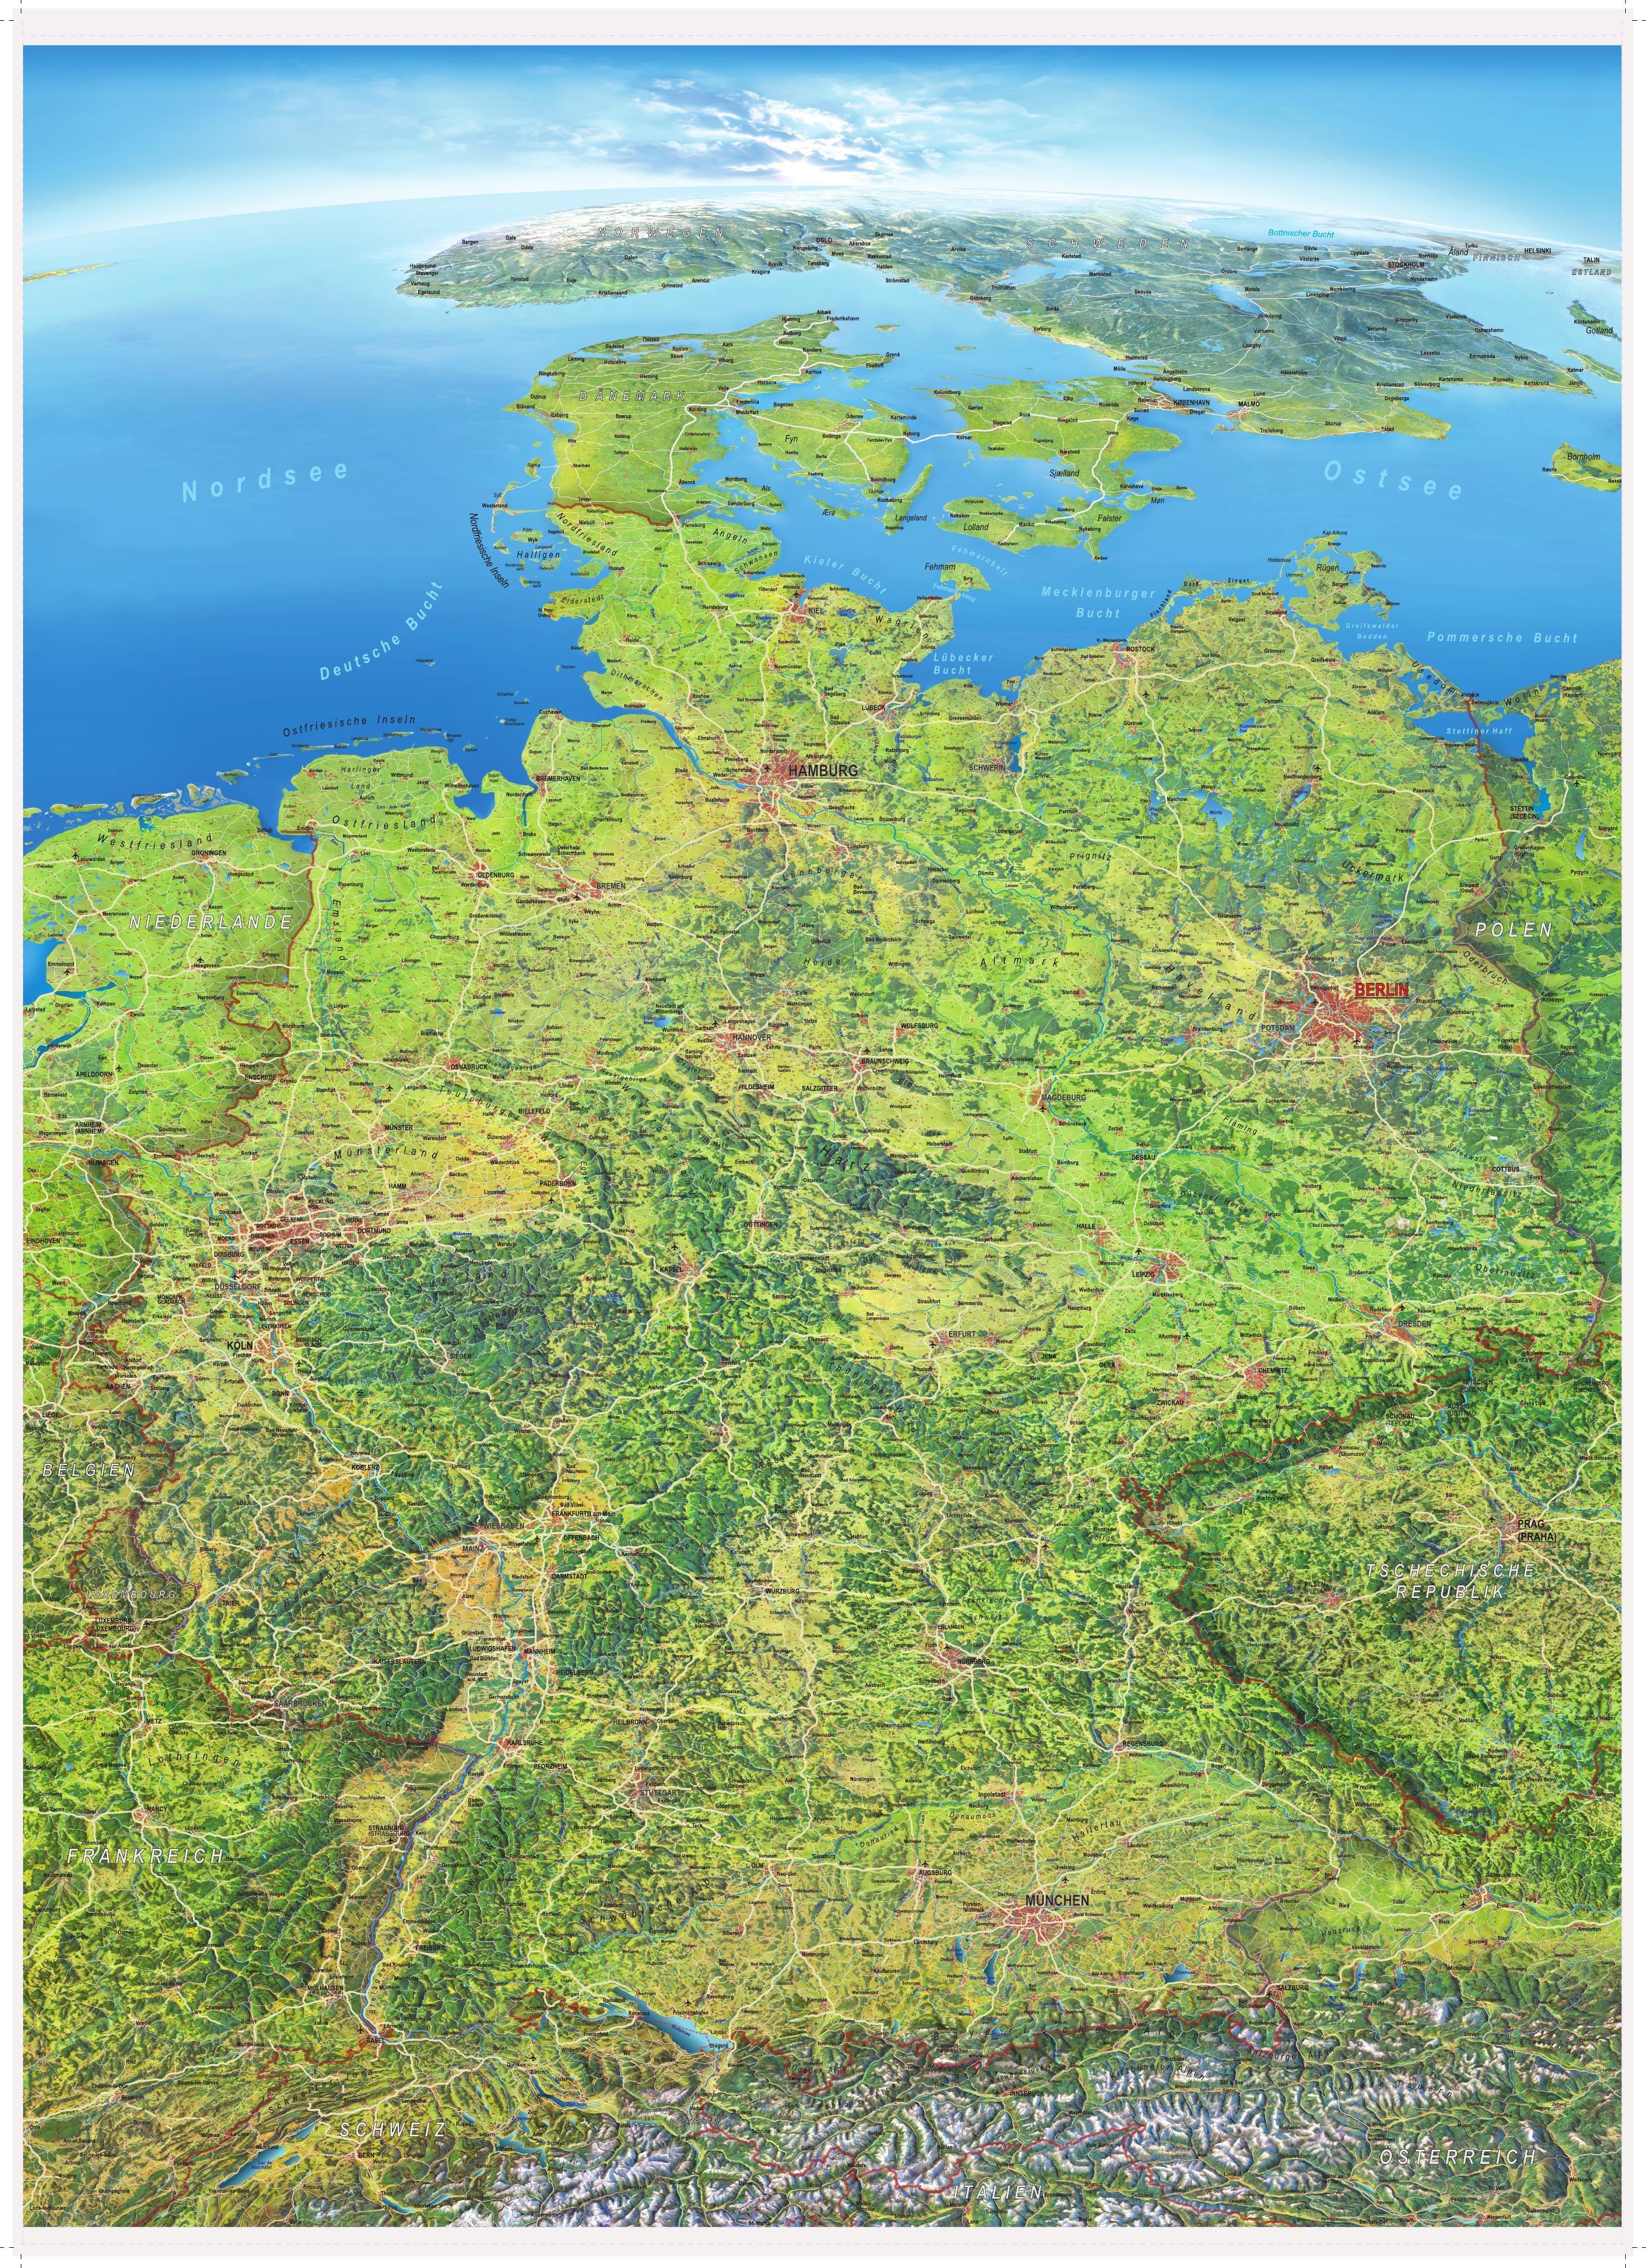 landkarte deutschland satellit Deutschland Landkarten als Poster im Überblick   Blog Neuigkeiten